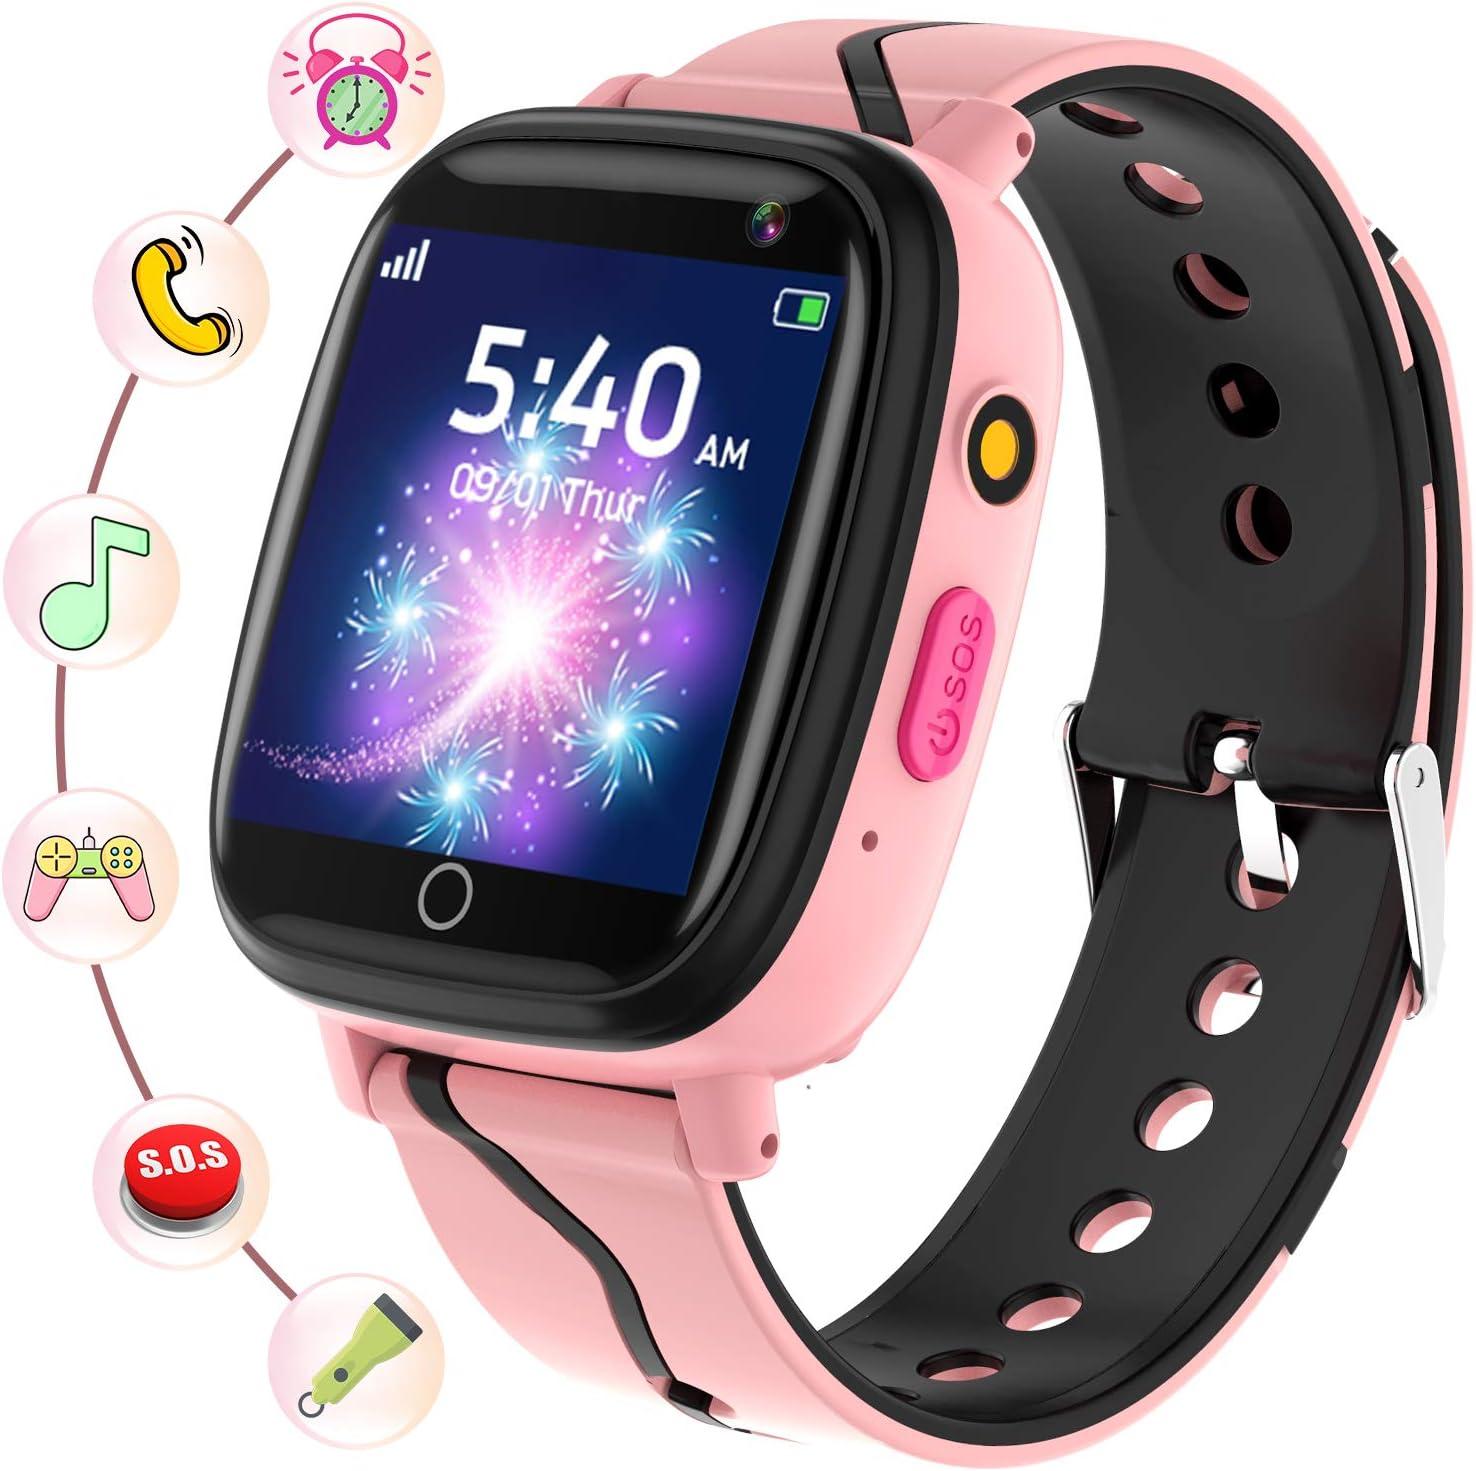 Smartwatch Niños - Relojes Inteligentes Teléfono con Música Juegos SOS Cámara Cronómetro Despertador Grabadora Pantalla Táctil Linterna, Reloj Llamada Niños Regalos Cumpleaños para 4-12 Años (Rosa)